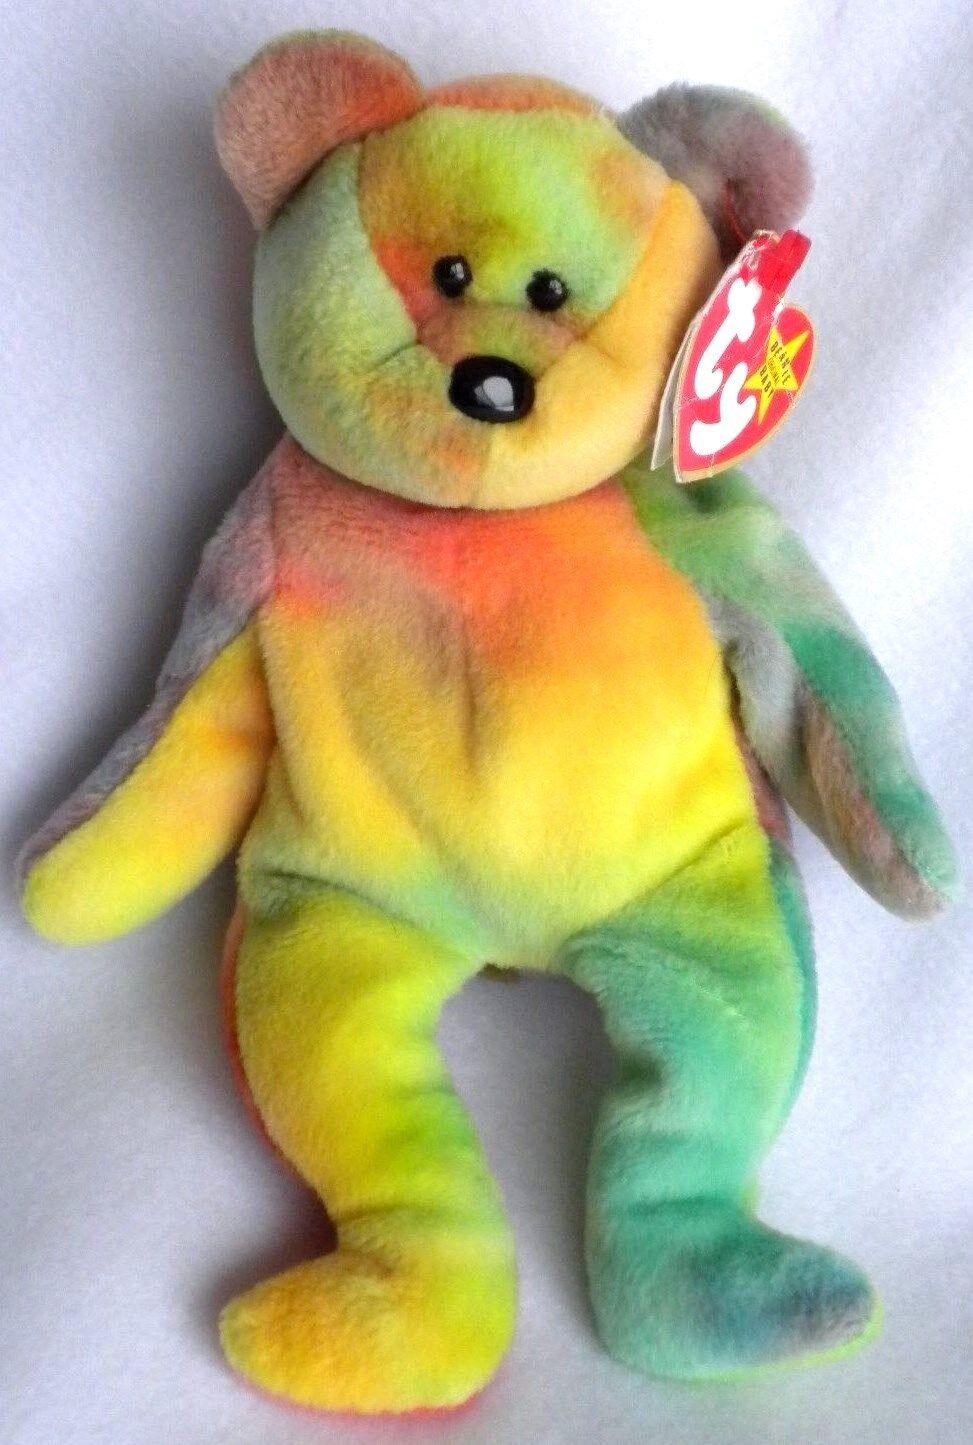 Garcia beanie baby - bär pvc - pellets tolle farben im ruhestand 1993